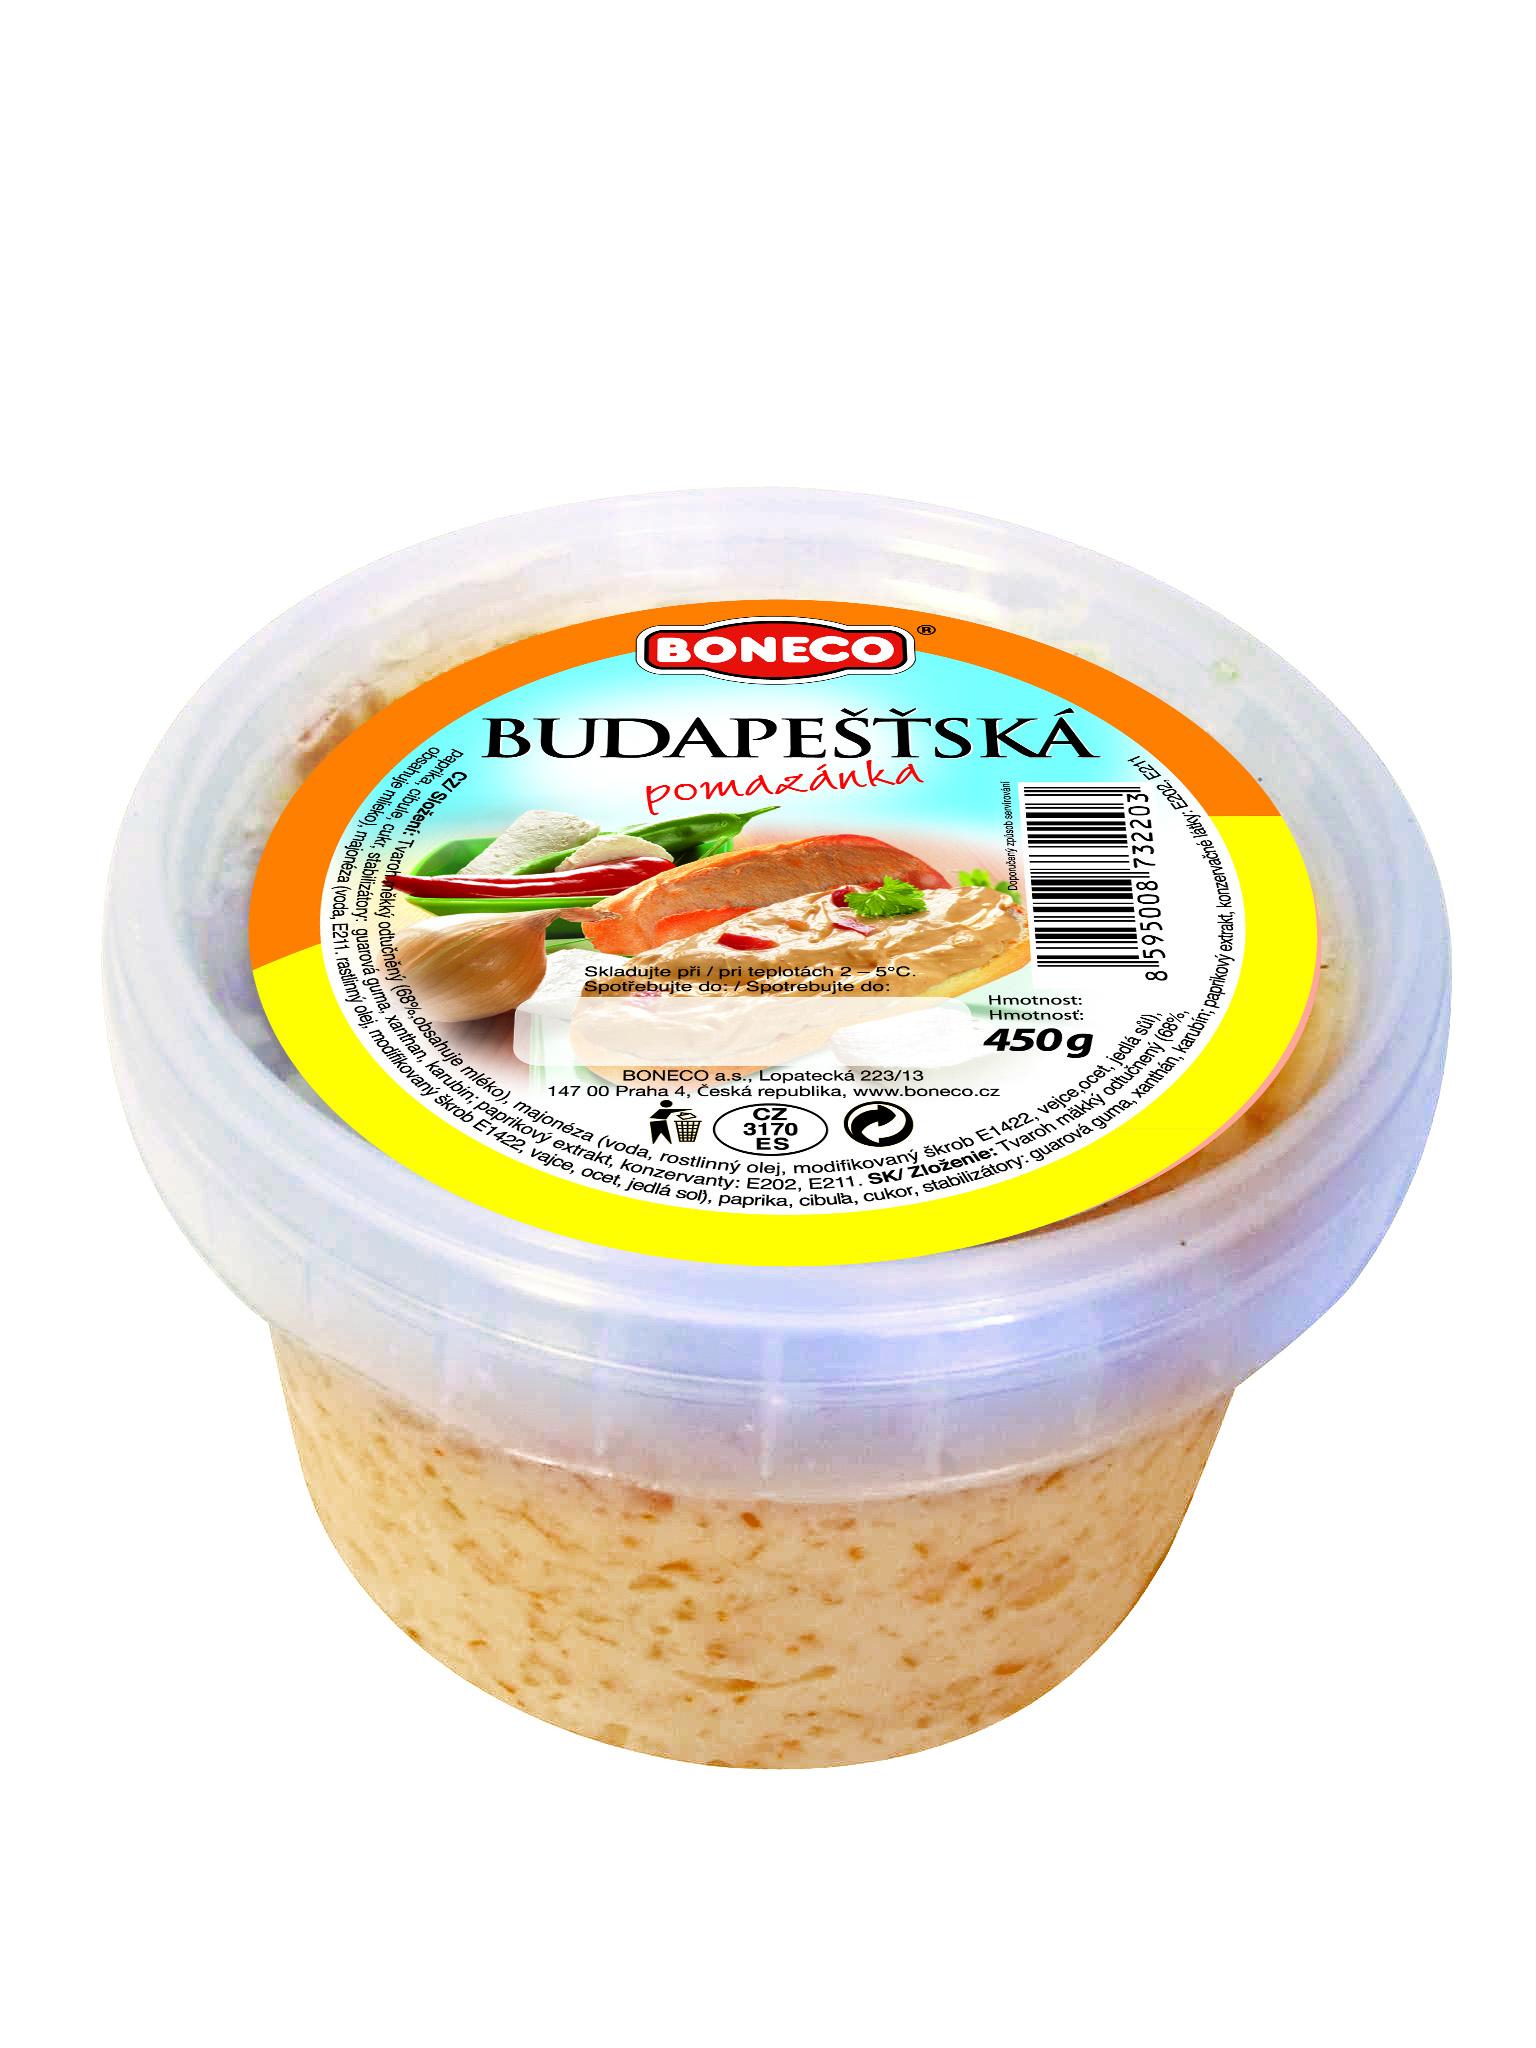 Značka Budapešťská pomazánka_2